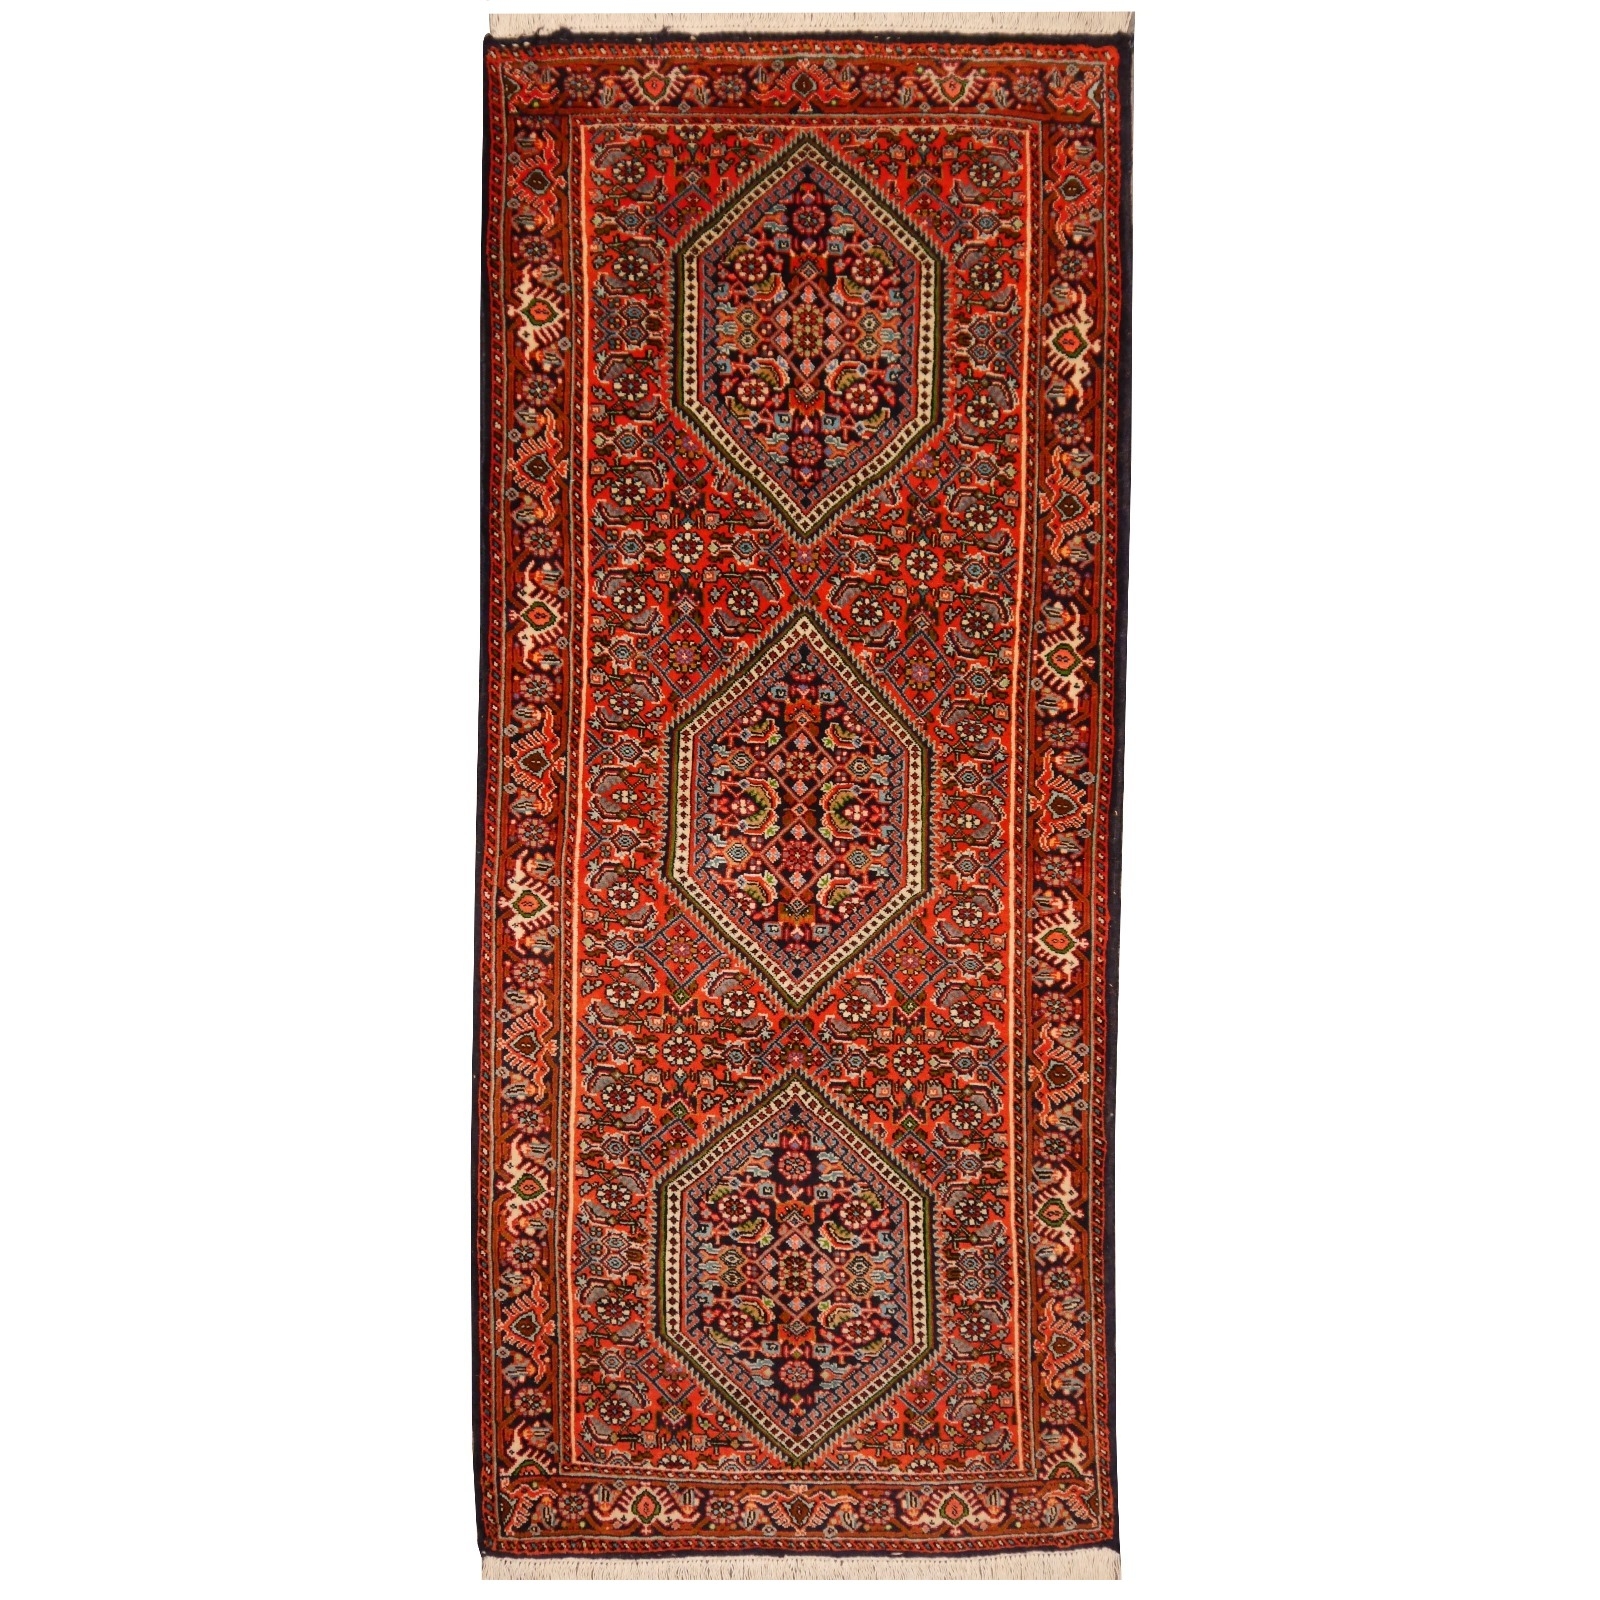 13654 bidjar rug iran persia 4 8 x 2 ft 147 x 62 cm. Black Bedroom Furniture Sets. Home Design Ideas